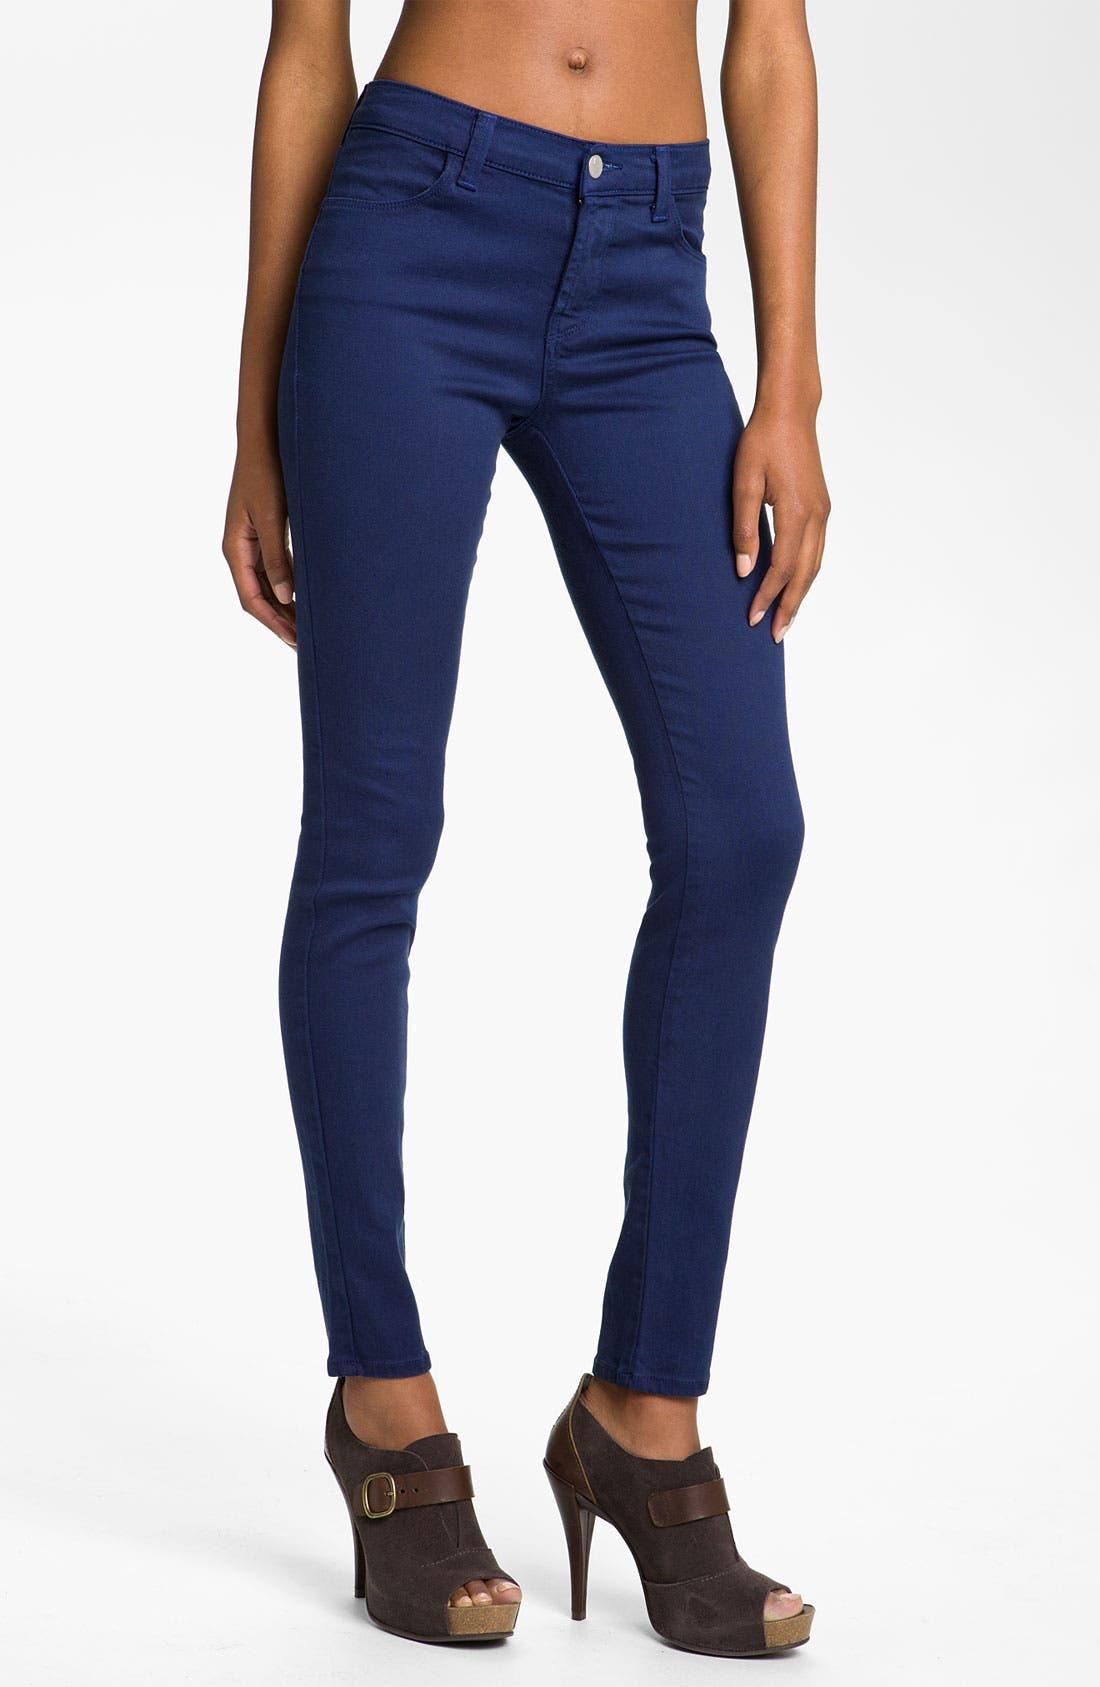 Alternate Image 1 Selected - J Brand Overdyed Skinny Leg Jeans